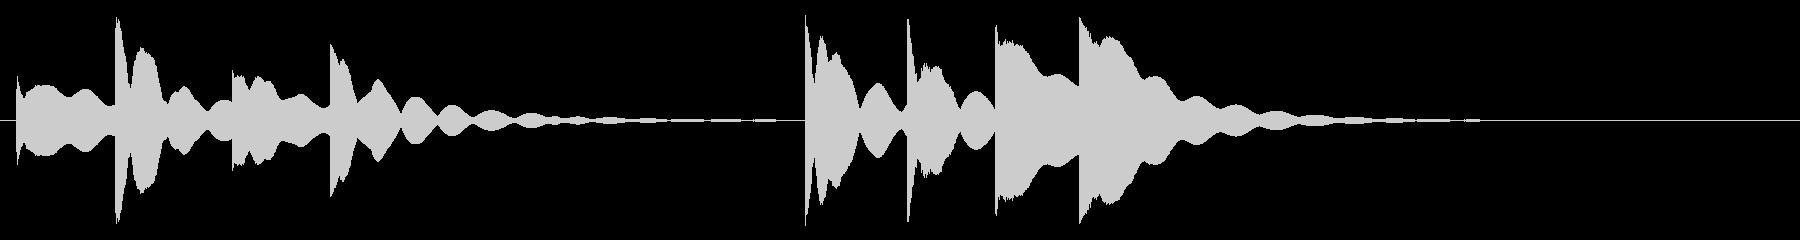 ハンドベル1;小さなハンドベルリン...の未再生の波形